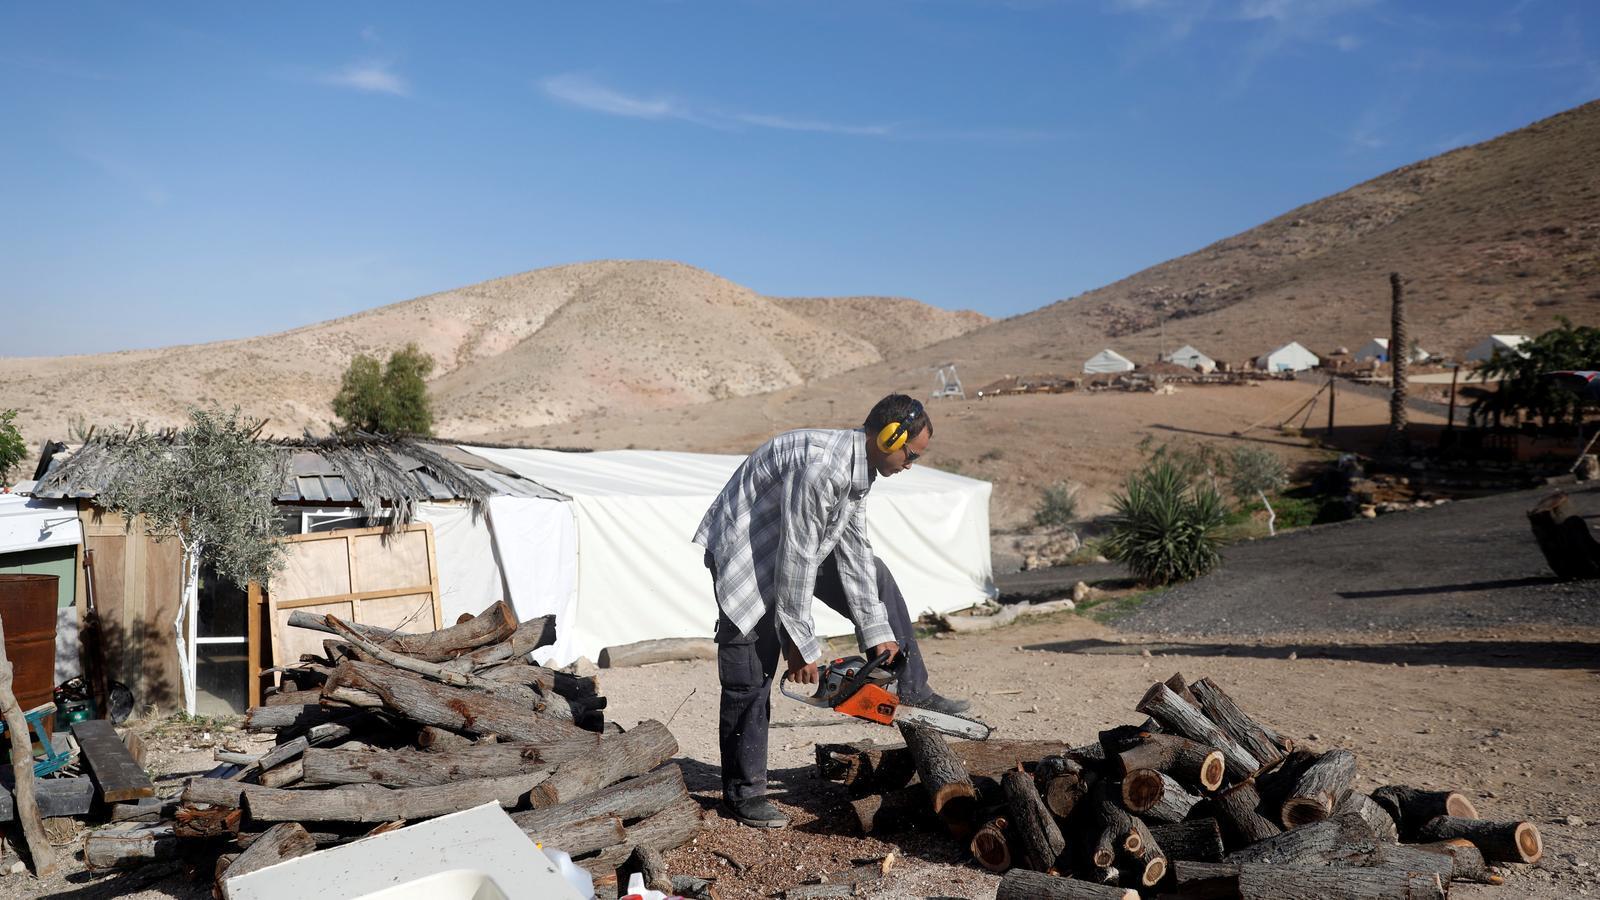 David Davidson, propietari del ressort Khan Eretz Ha'Mirdafim, a la Cisjordània ocupada, serra troncs per fer llenya